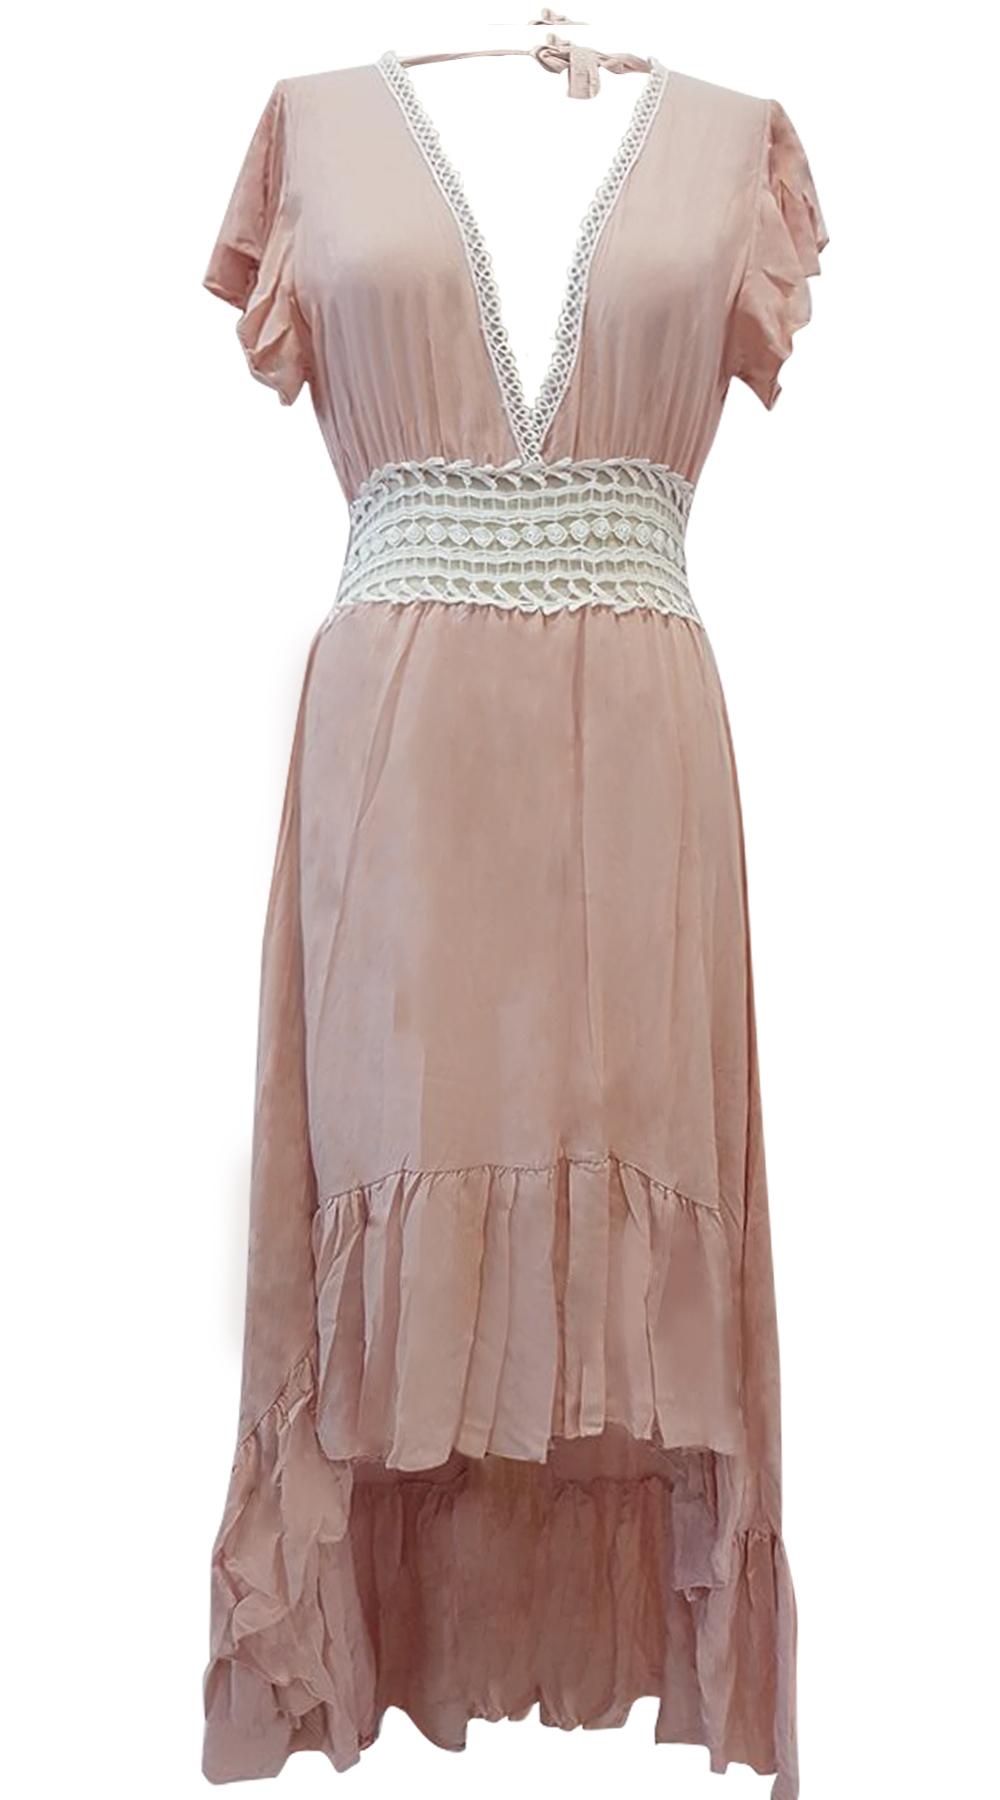 Boho φόρεμα με ασσύμετρο τελείωμα και δαντέλα στην μέση - MissReina - S18GAL-521 φορέματα μάξι φορέματα